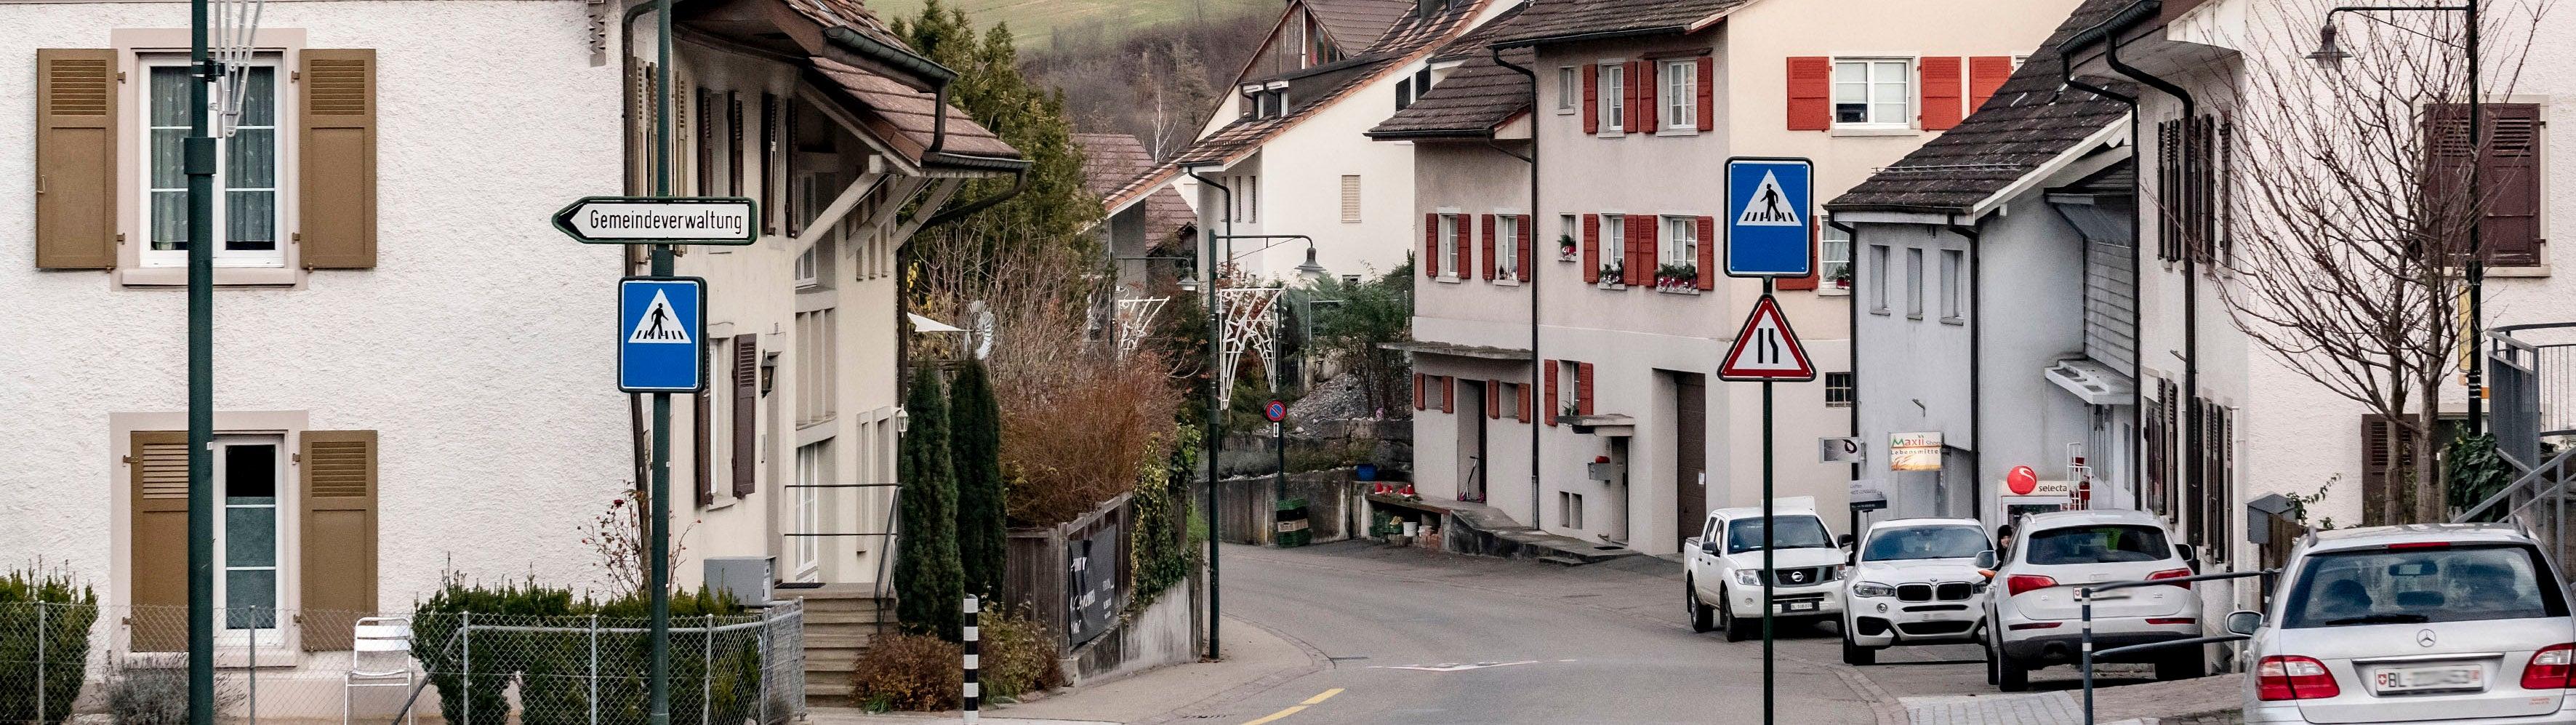 Giebenach